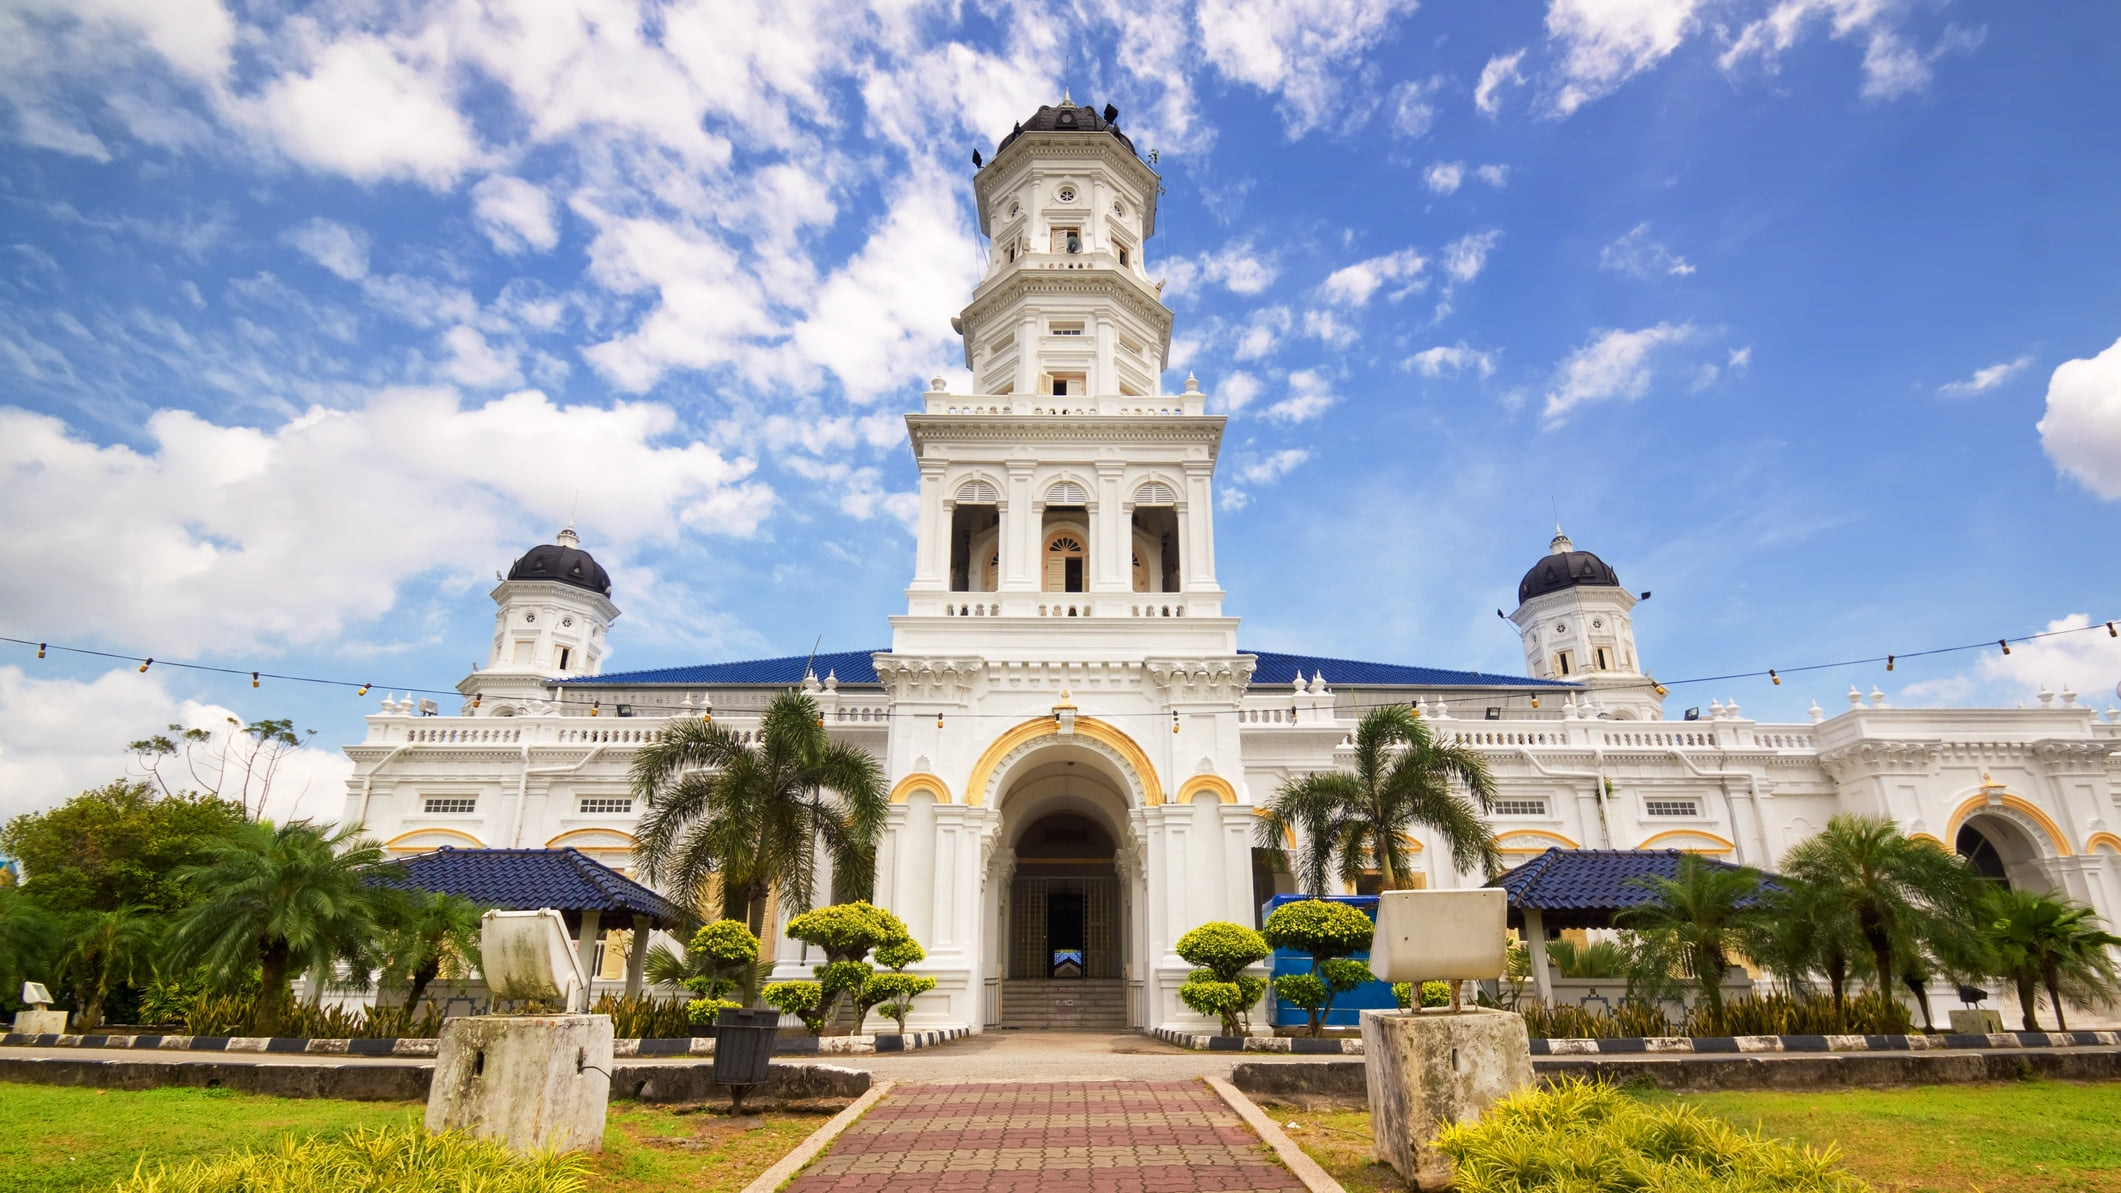 ジョホールバル観光で訪れるべき「アブ・バカール・モスク」の魅力とは?